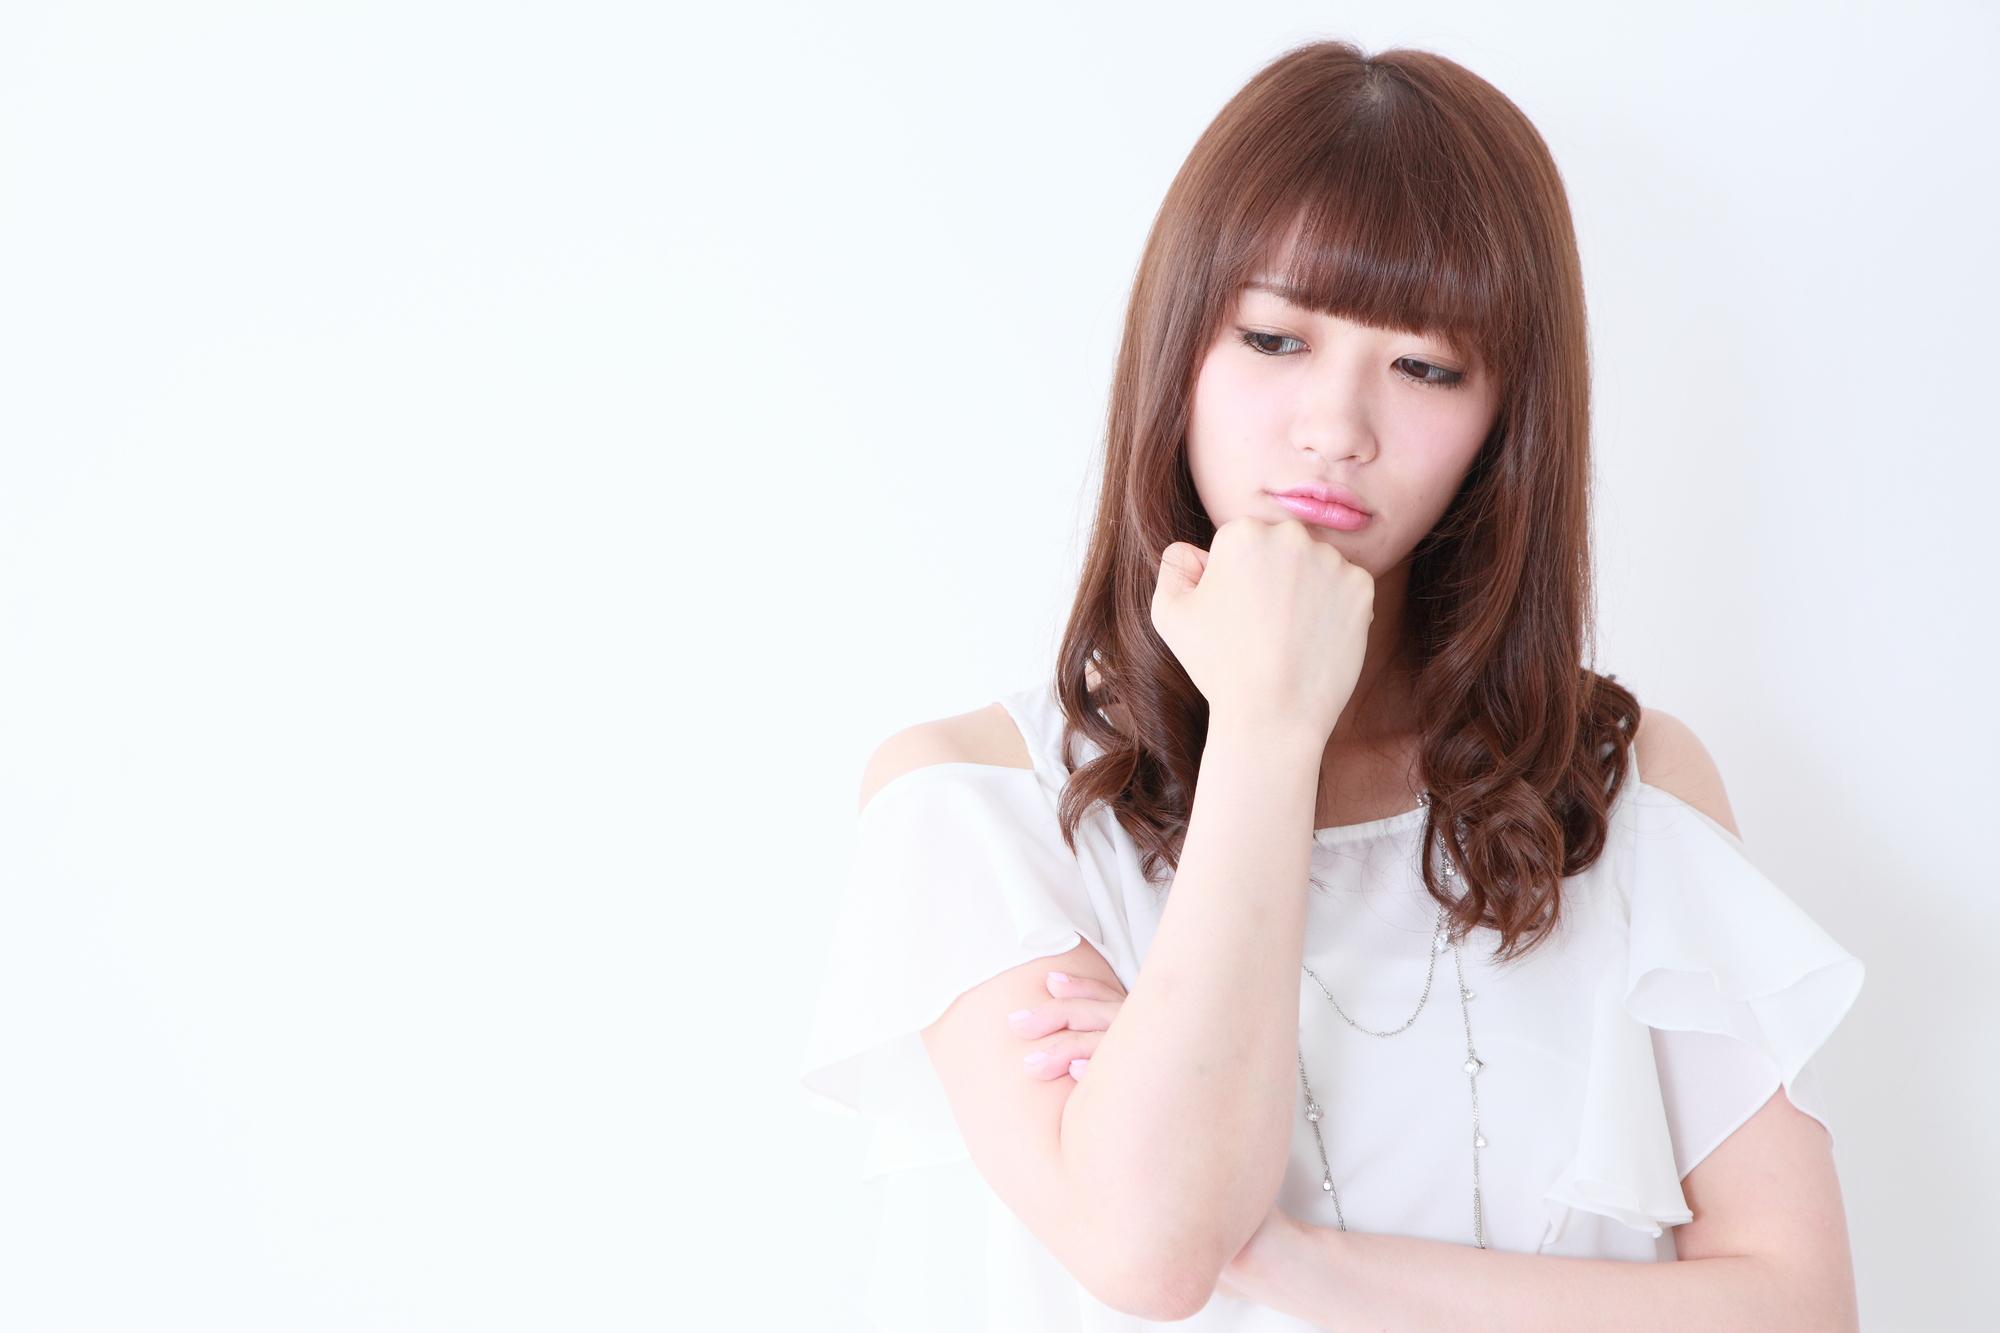 皮膚科?産婦人科?産後の抜け毛は何科の病院を受診すべき?